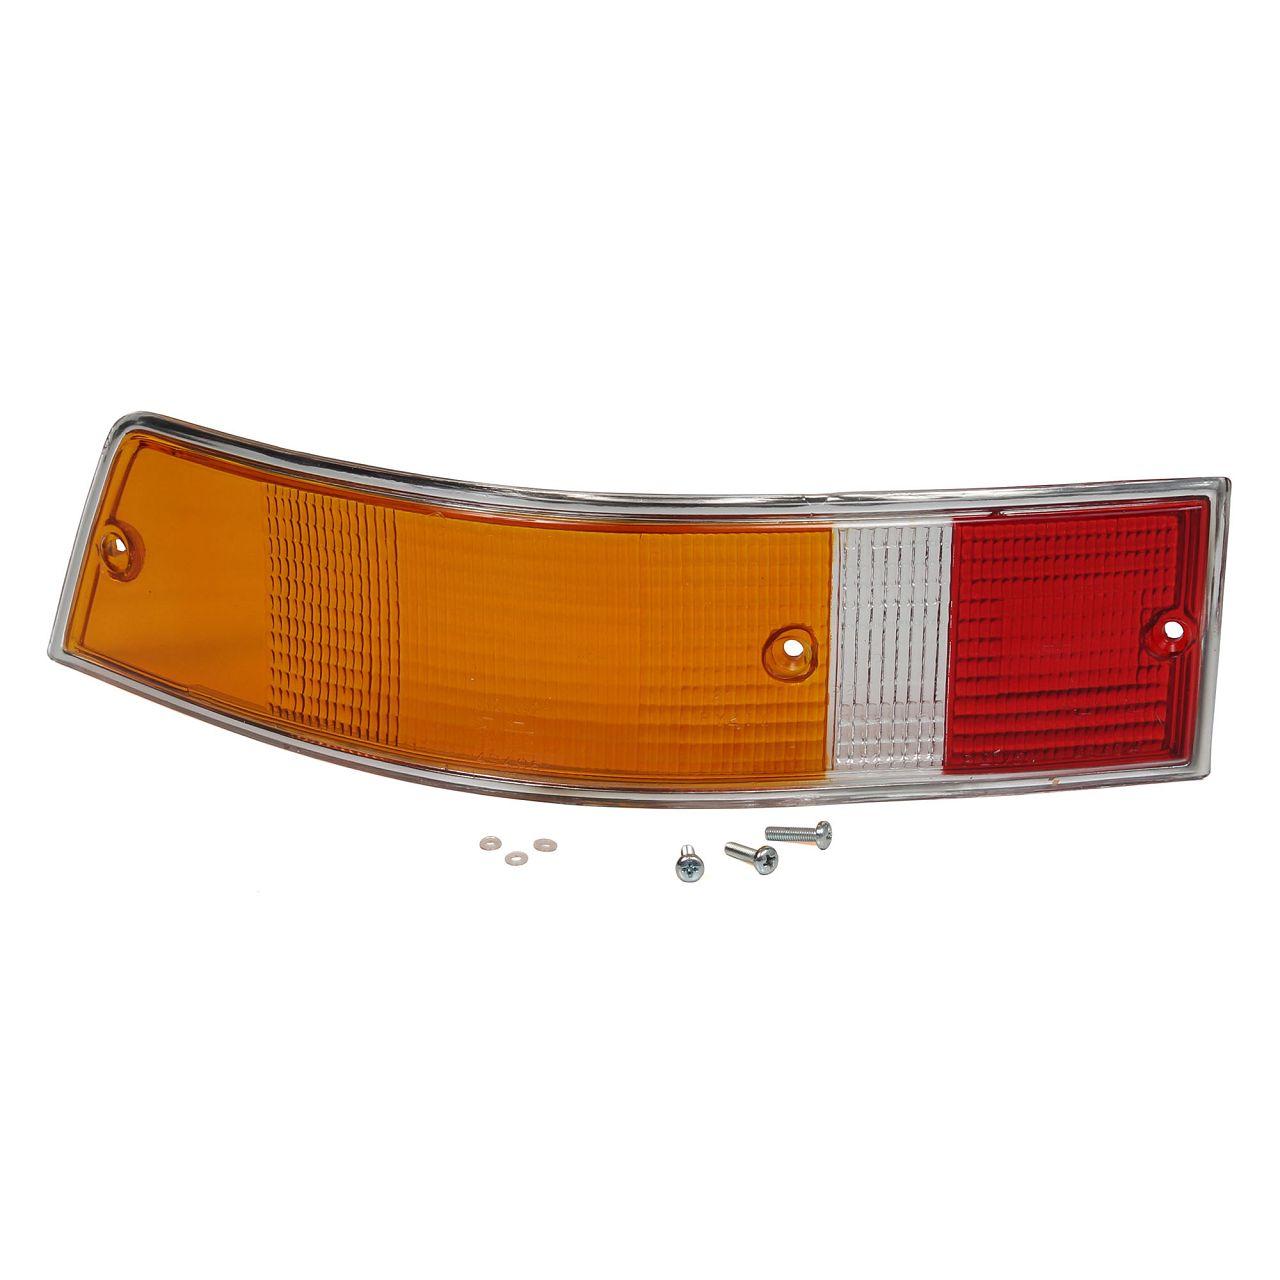 2x Rücklichtglas + Dichtung CHROM EU-Version PORSCHE 911 1967-79 links + rechts